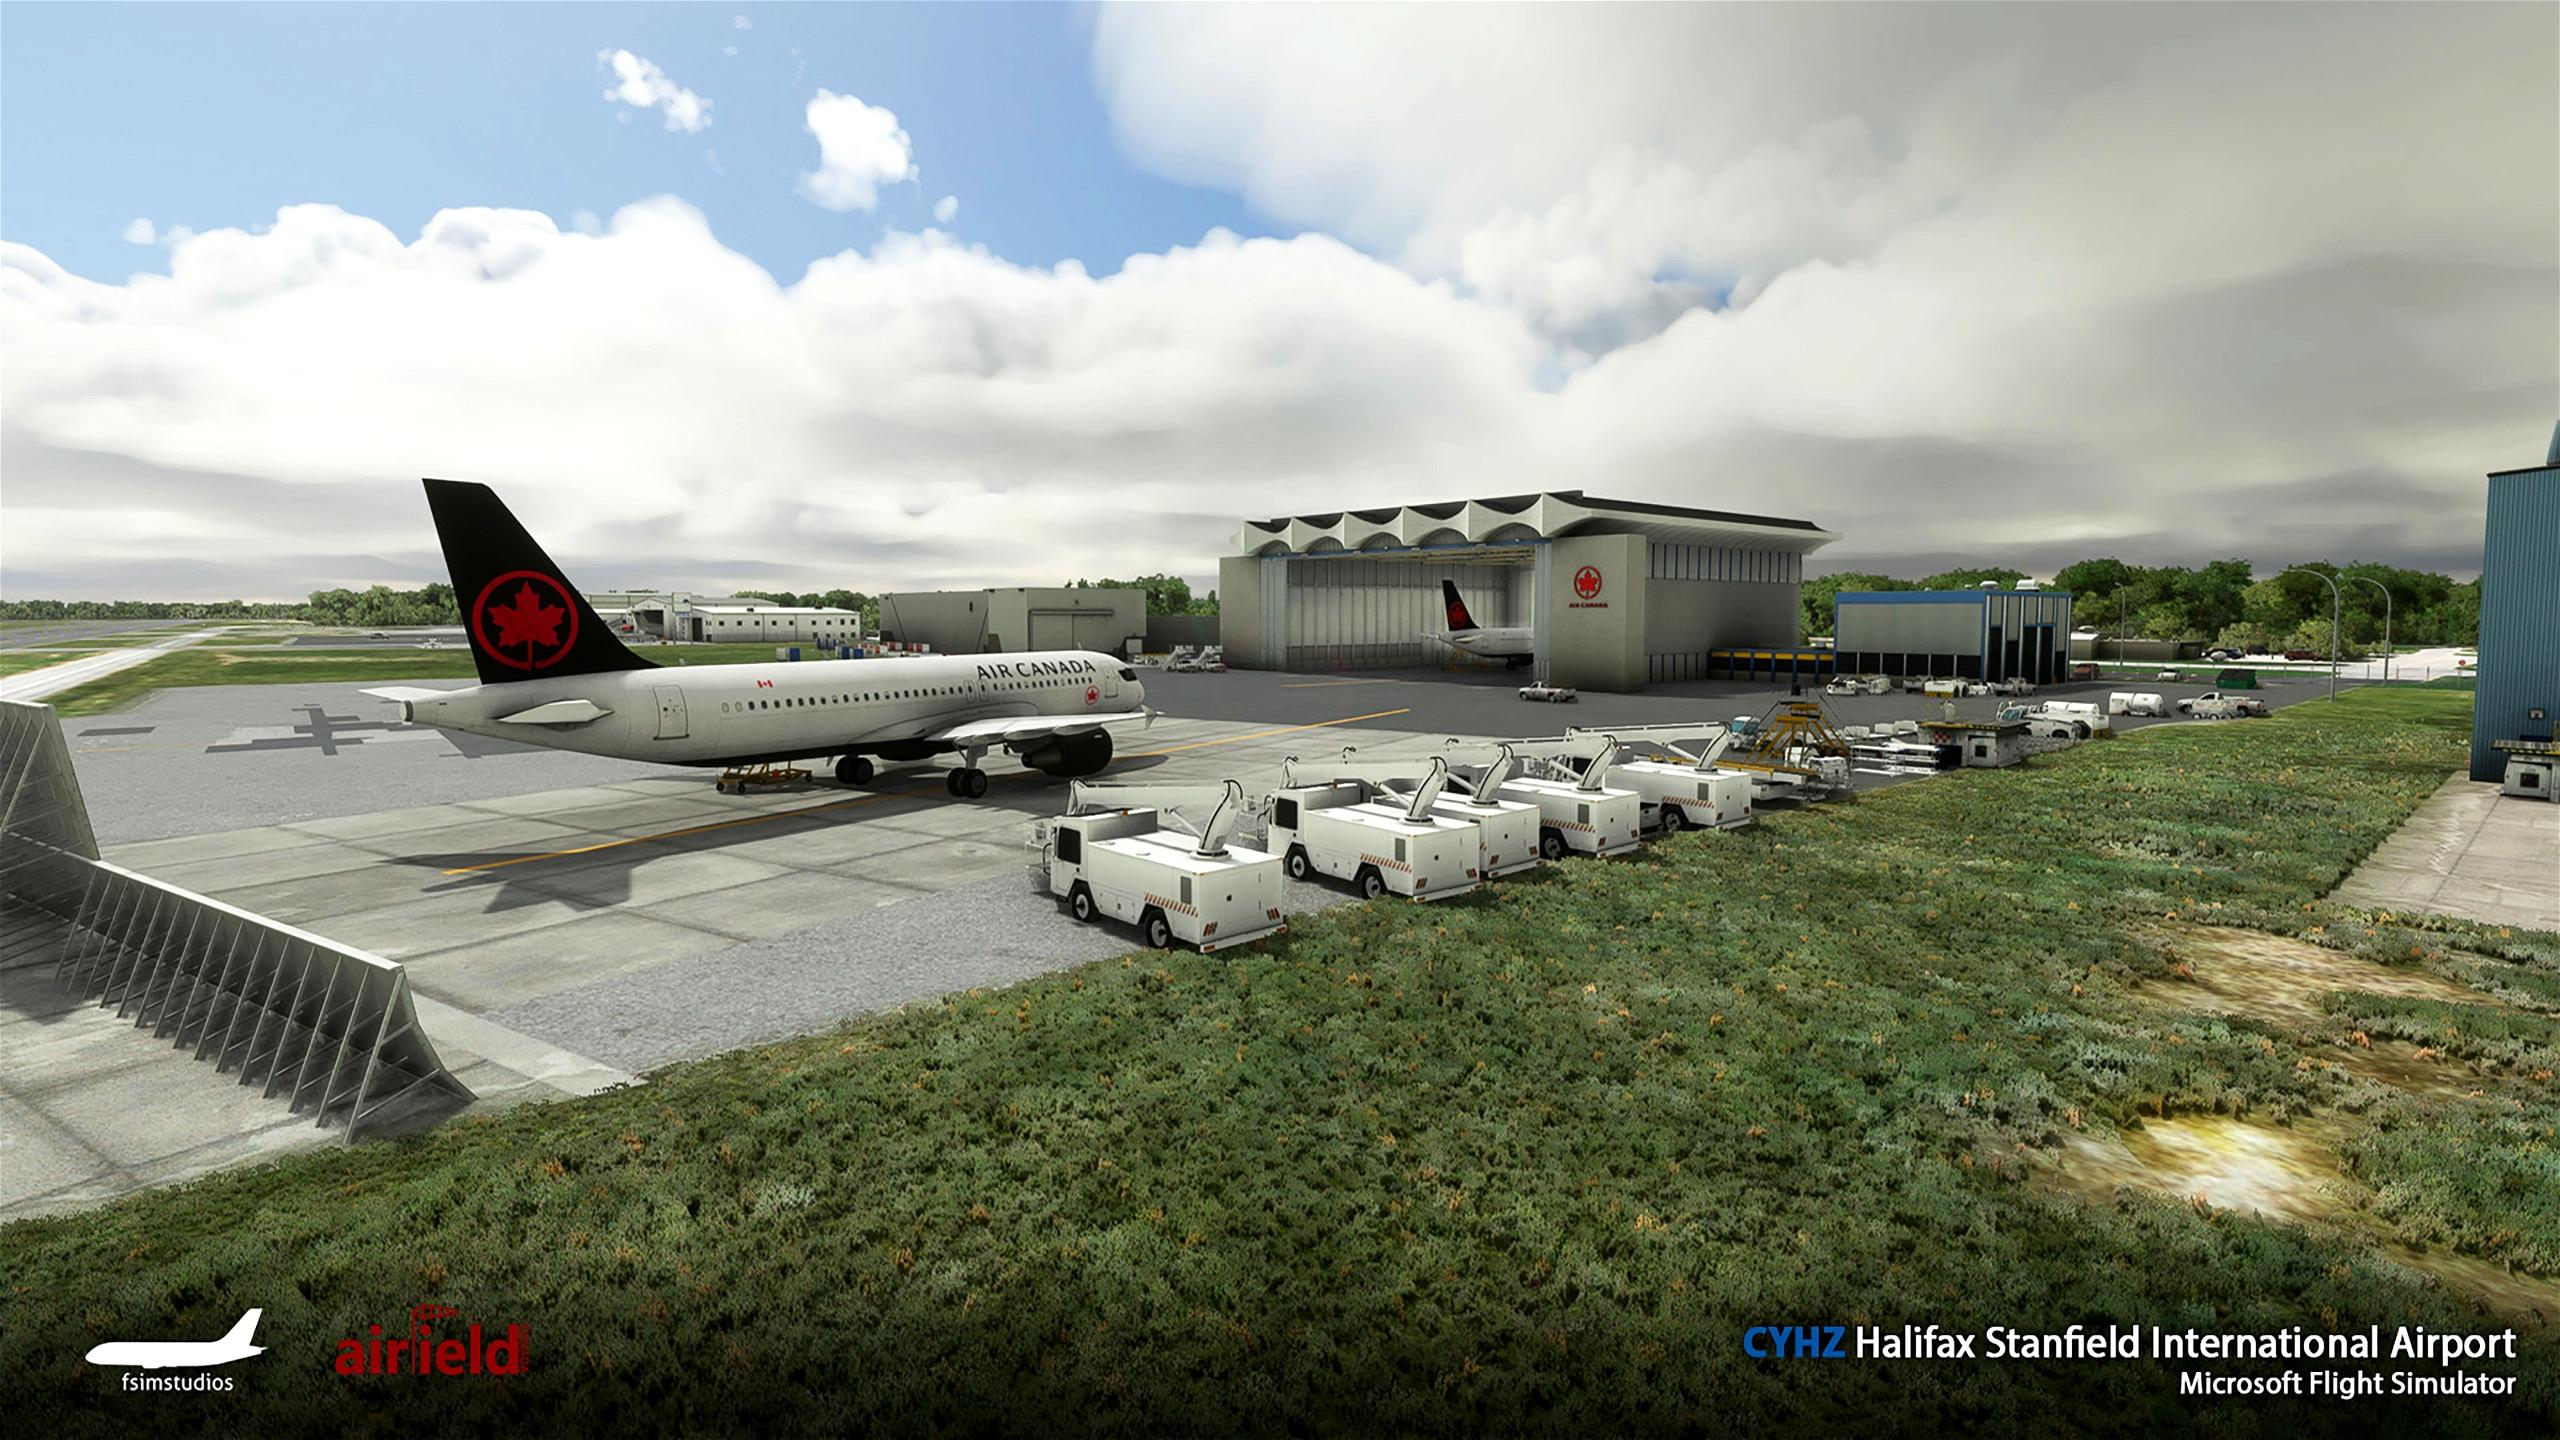 Halifax Stanfield International Airport CYHZ